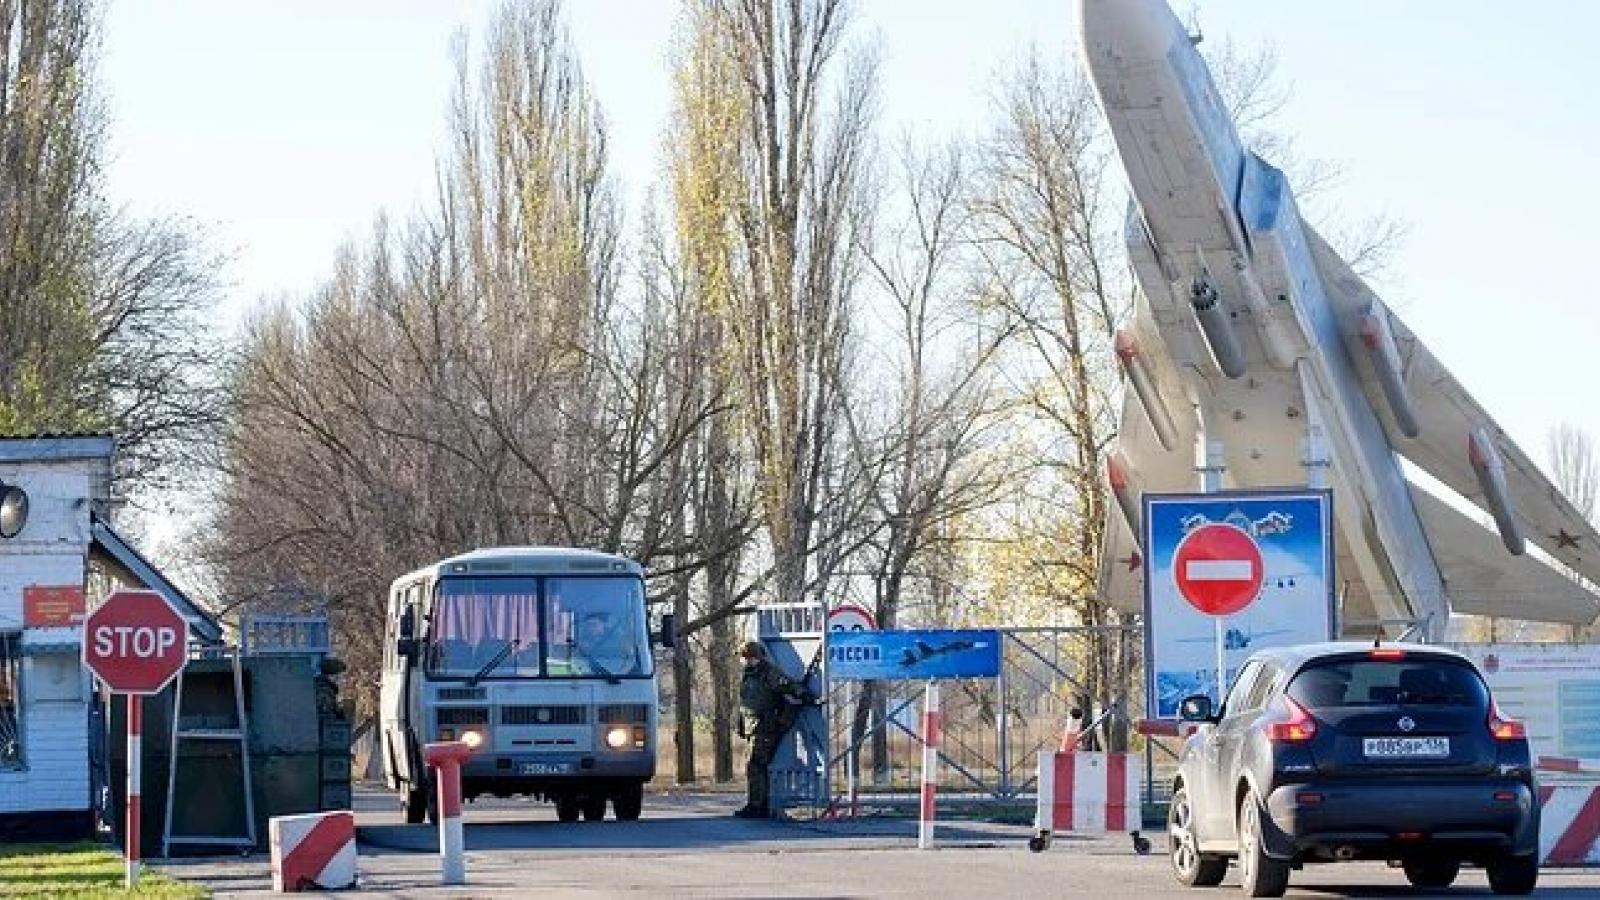 Ba quân nhân thiệt mạng trong vụ xả súng tại sân bay gần Voronezh (Nga)